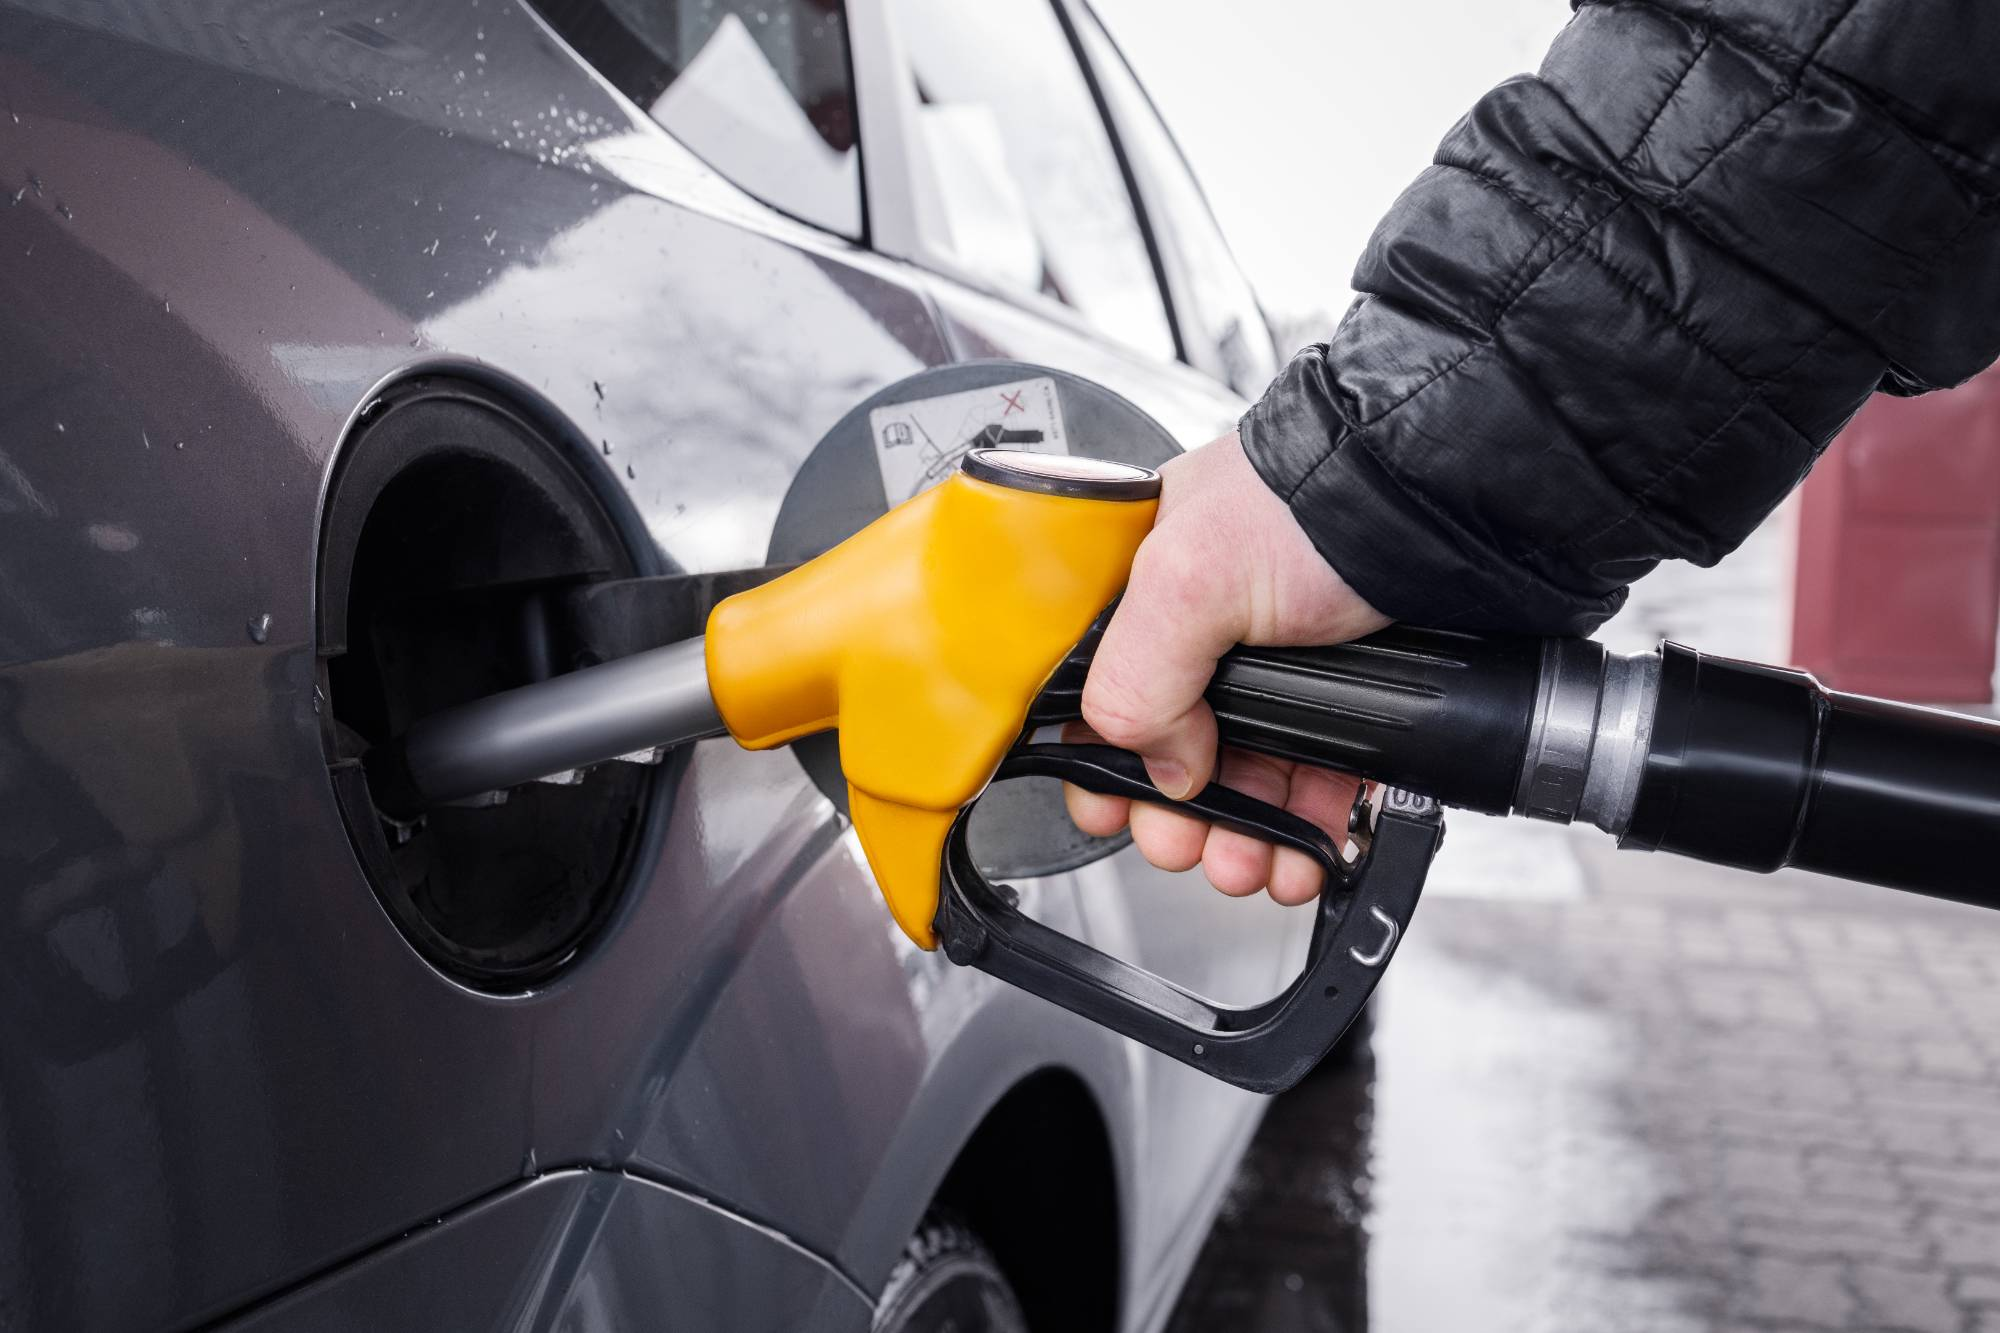 По новой формуле: какими будут цены на бензин к 1 апреля